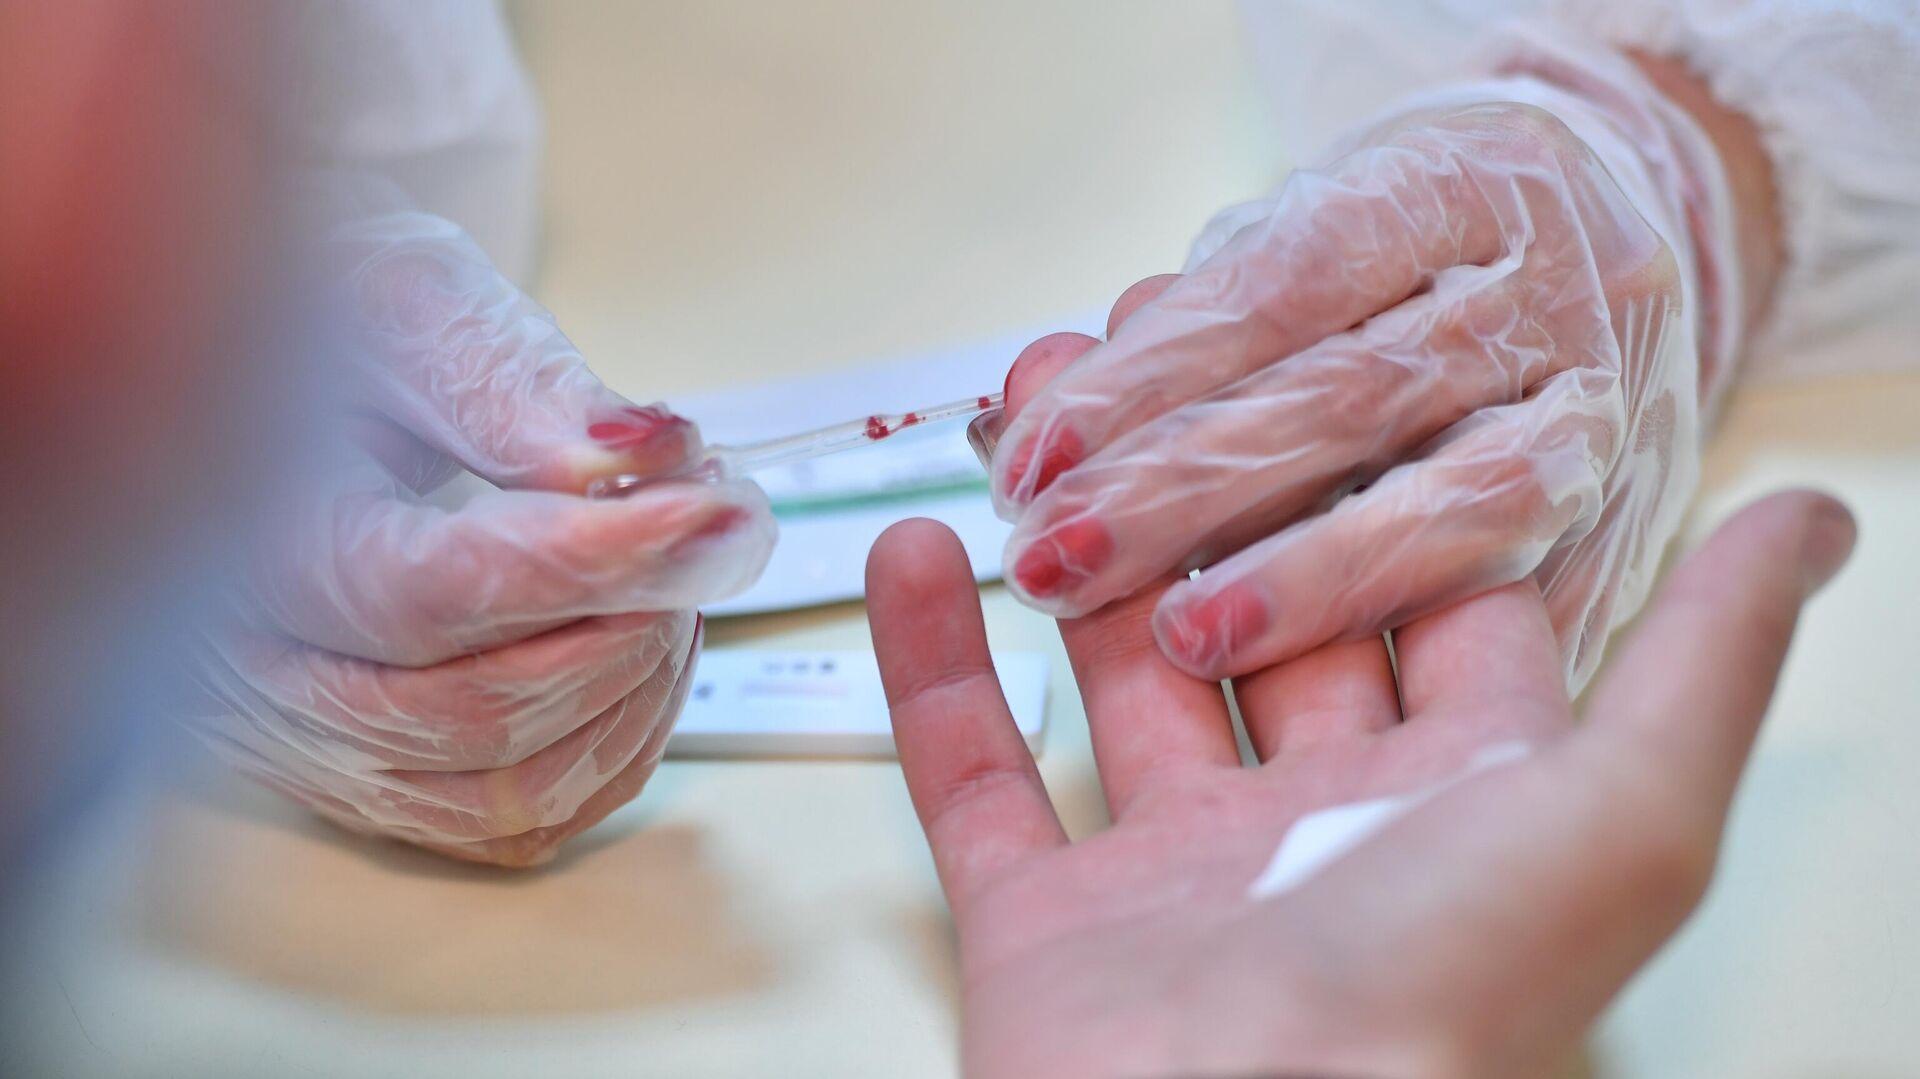 Найдена связь между опасными заболеваниями и группой крови